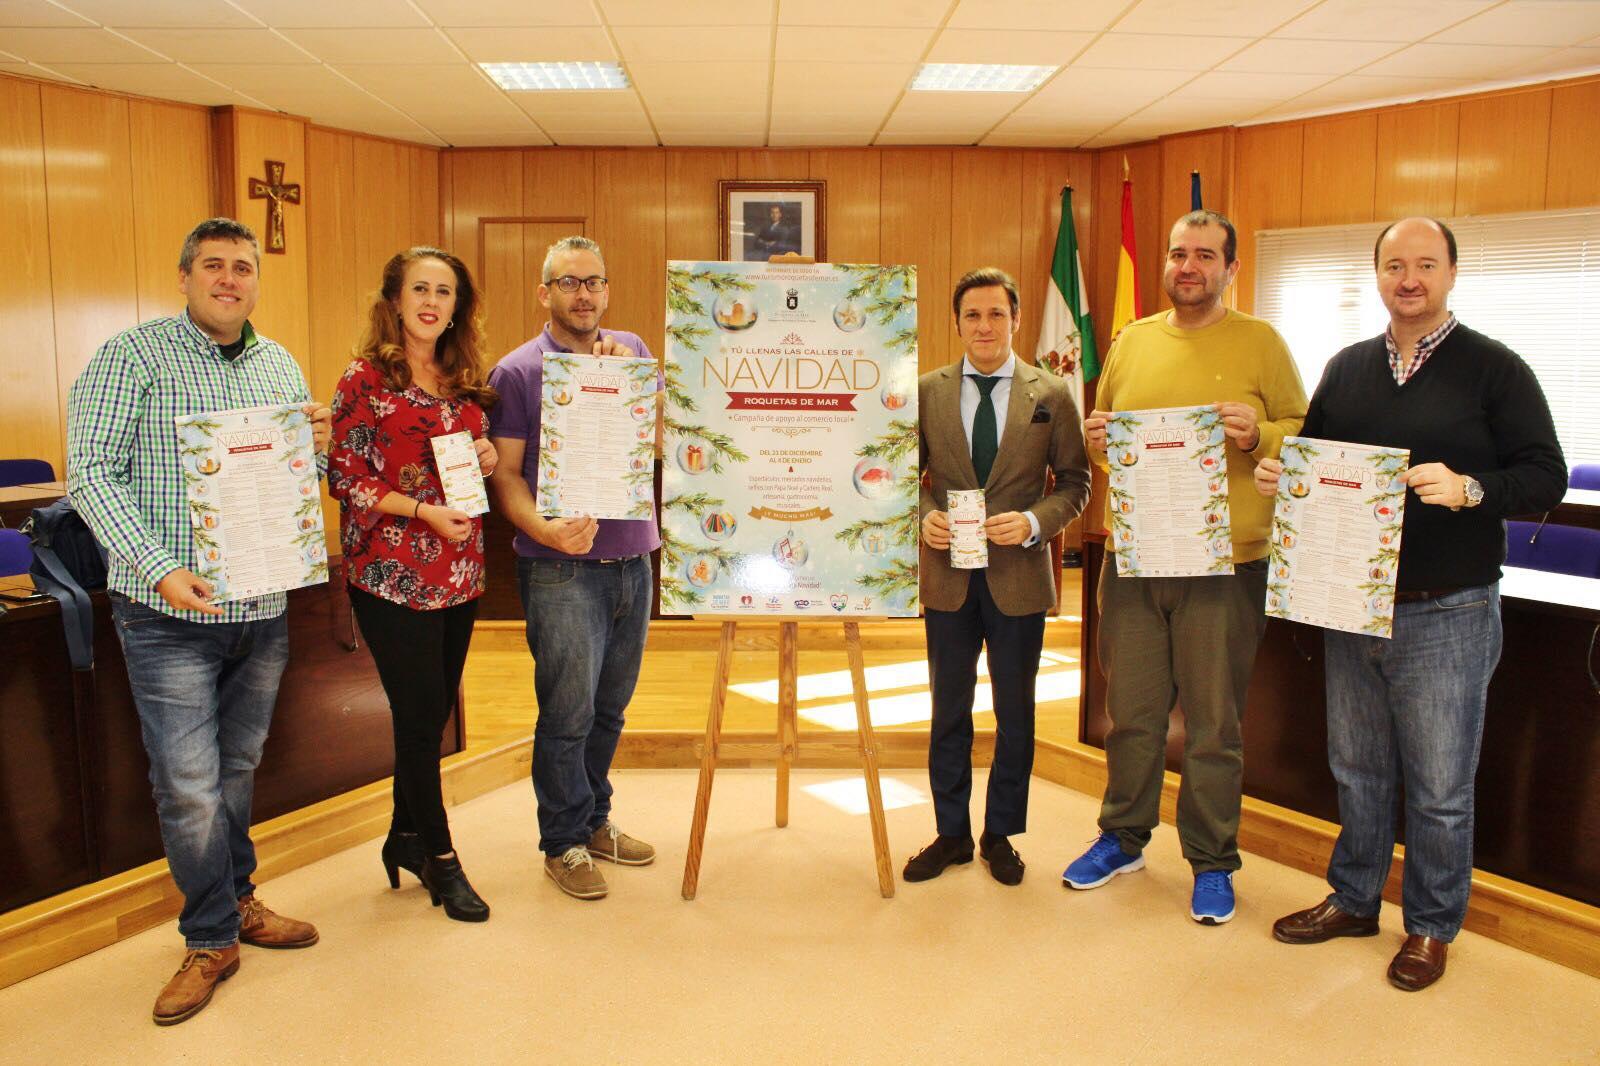 La Concejalía de Comercio programa 30 actividades navideñas para apoyar el comercio local